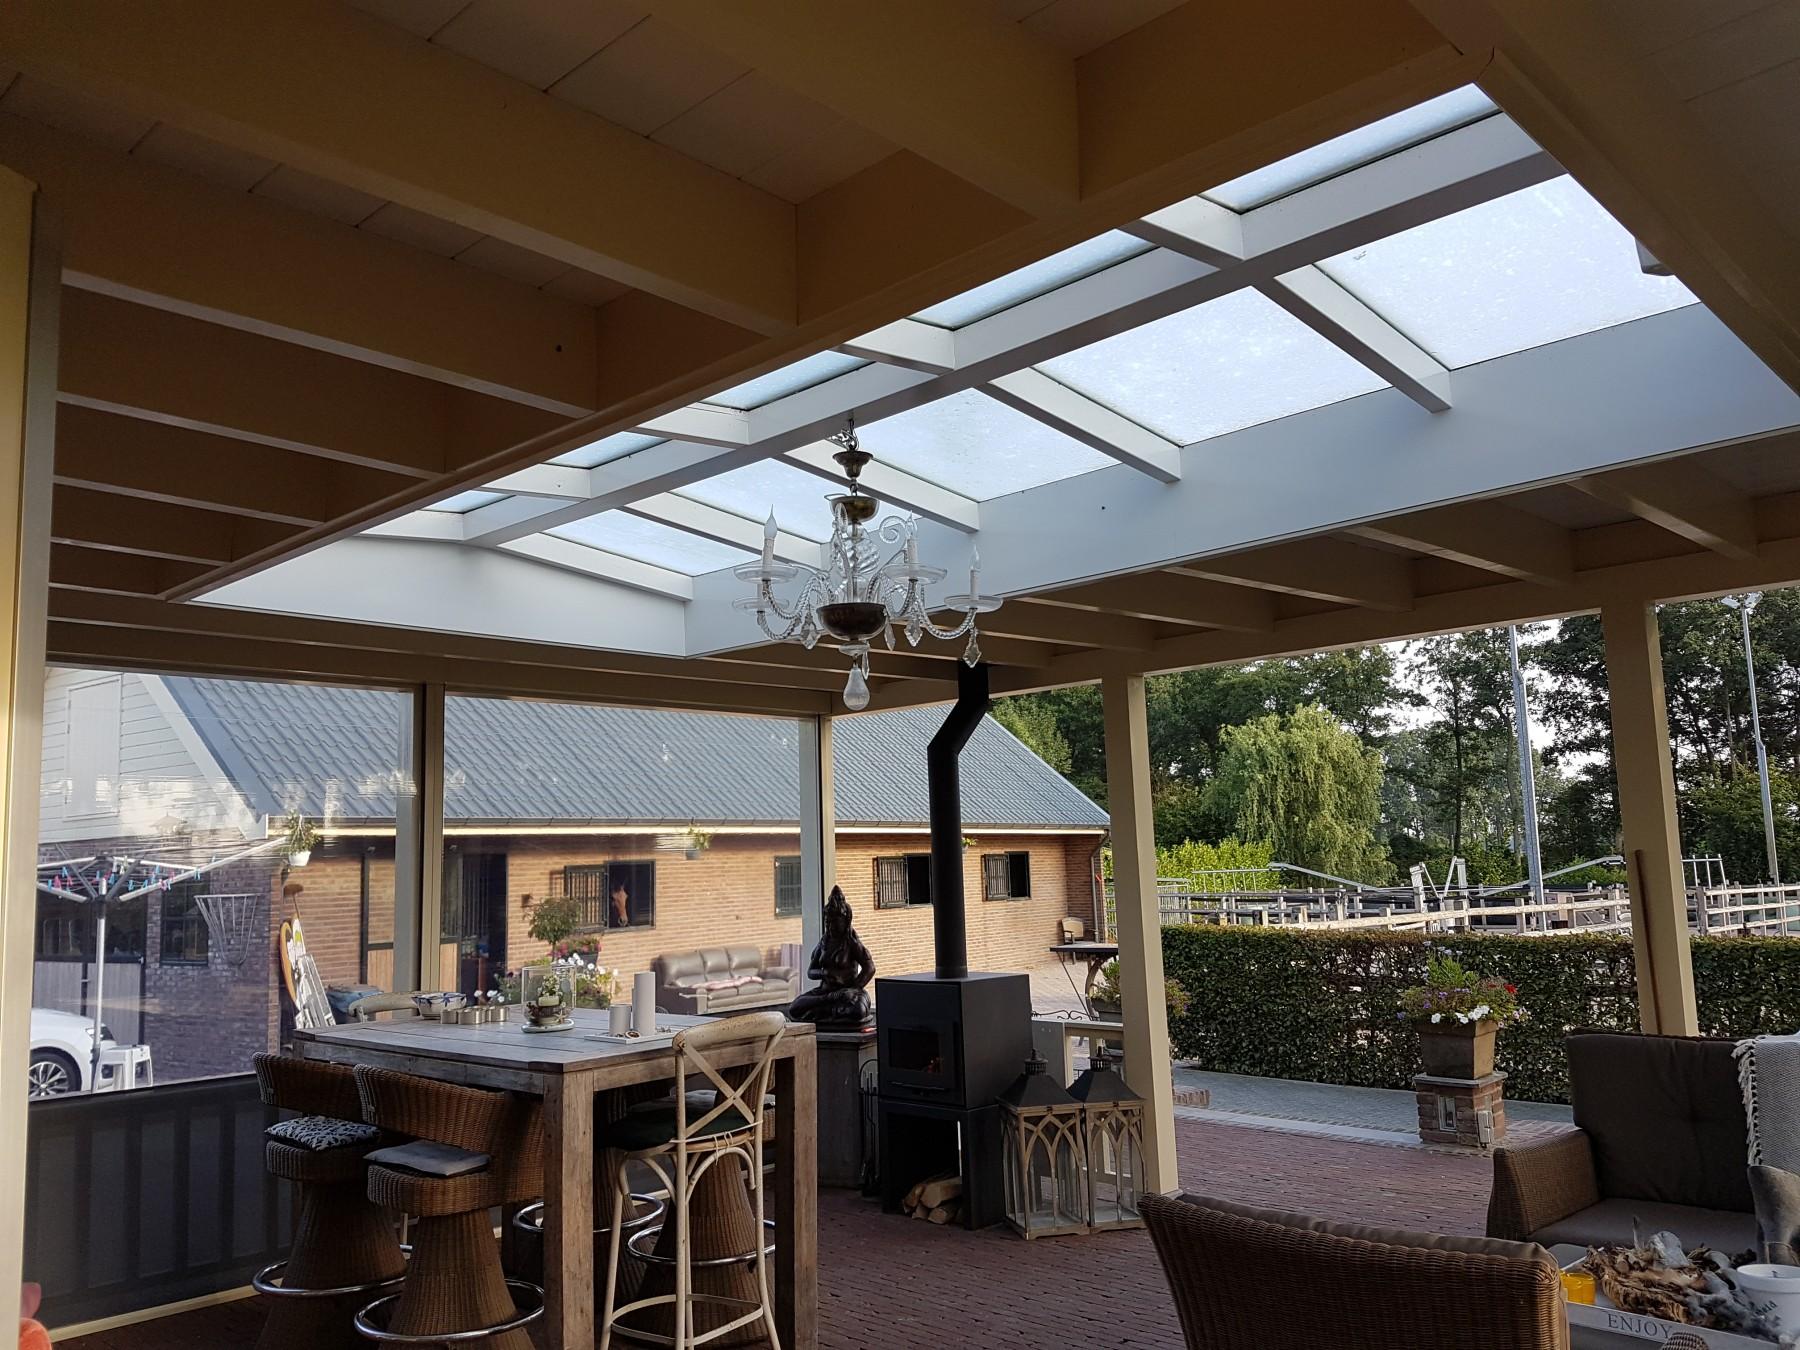 Verrassend Luxe veranda met lichtstraat te Terschuur-010 – De VerandaSpecialist AS-86